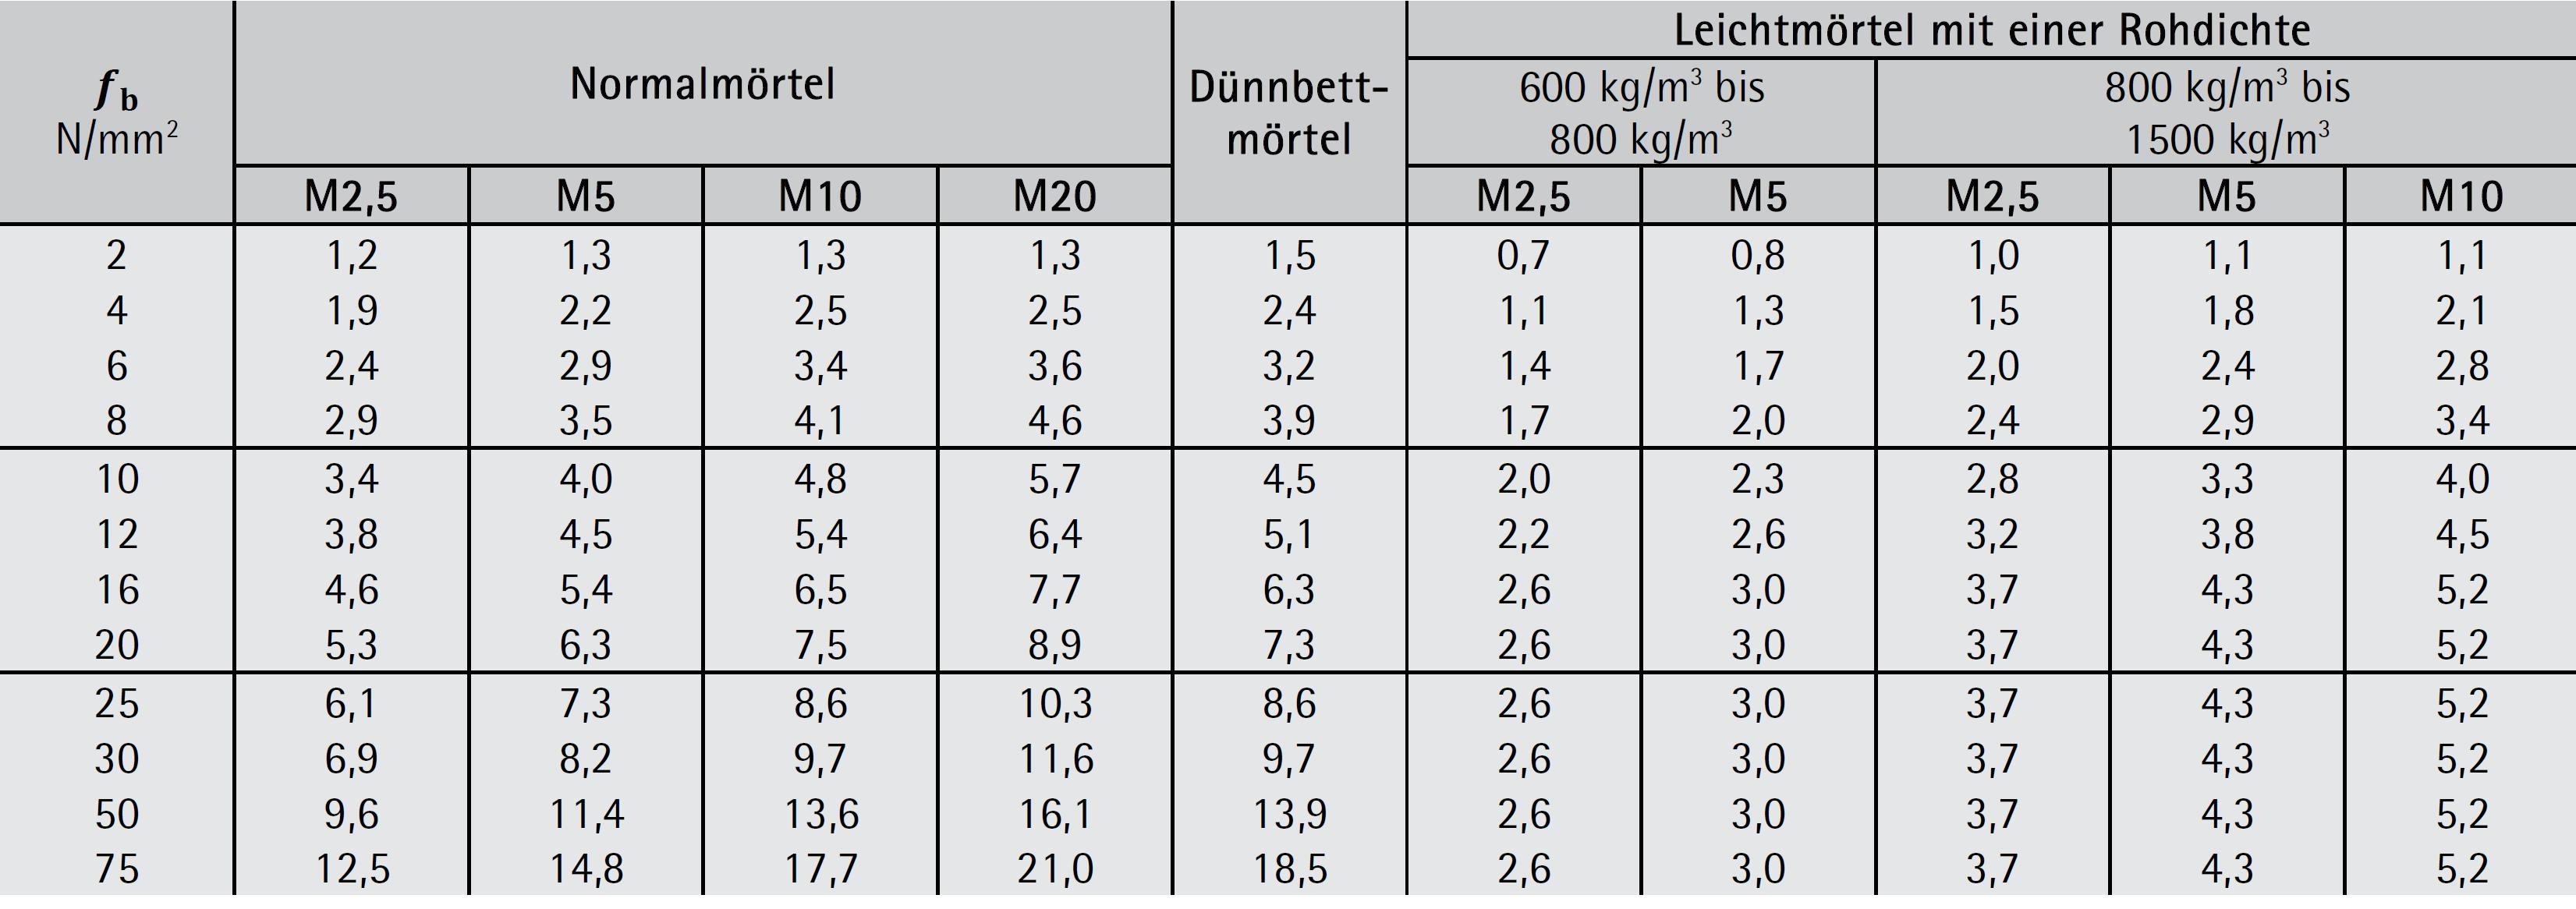 Mauerwerksdruckfestigkeit fk in N/mm² – Ziegel Gruppe 1